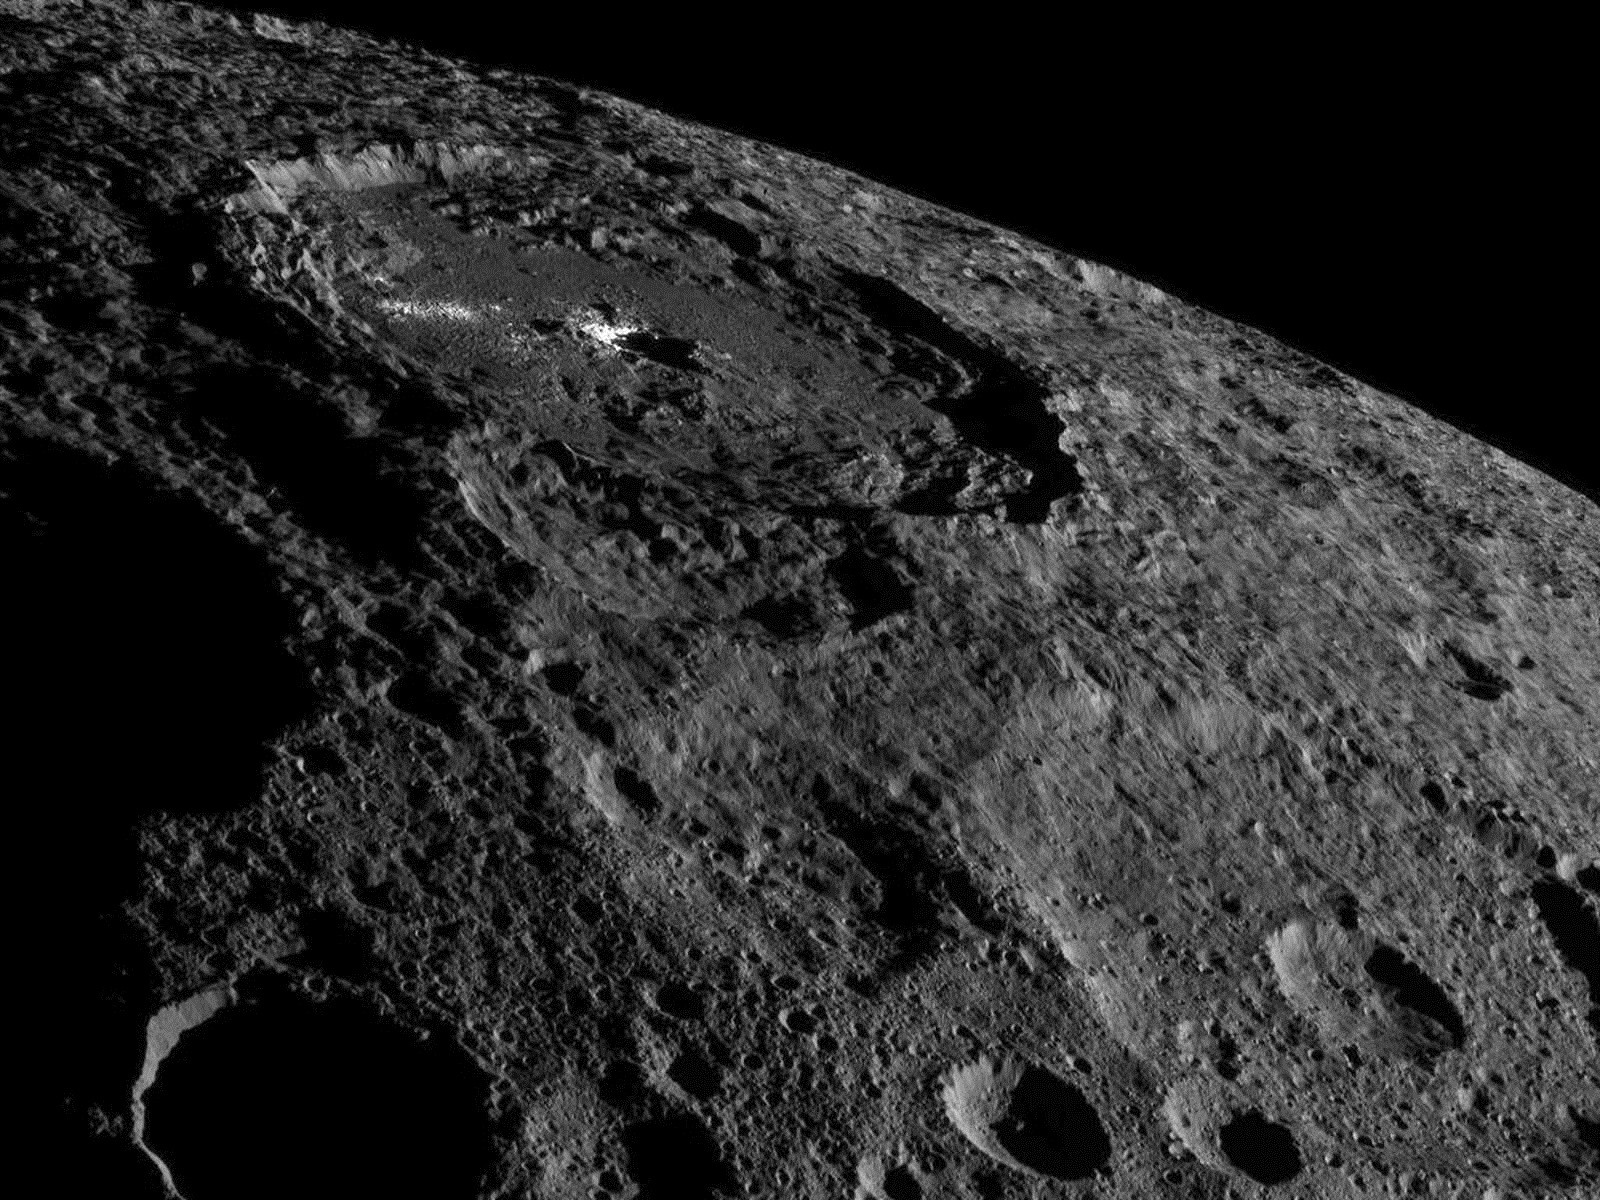 Finalement, on peut admirer les brillants cratères de Cérès d'encore plus près…